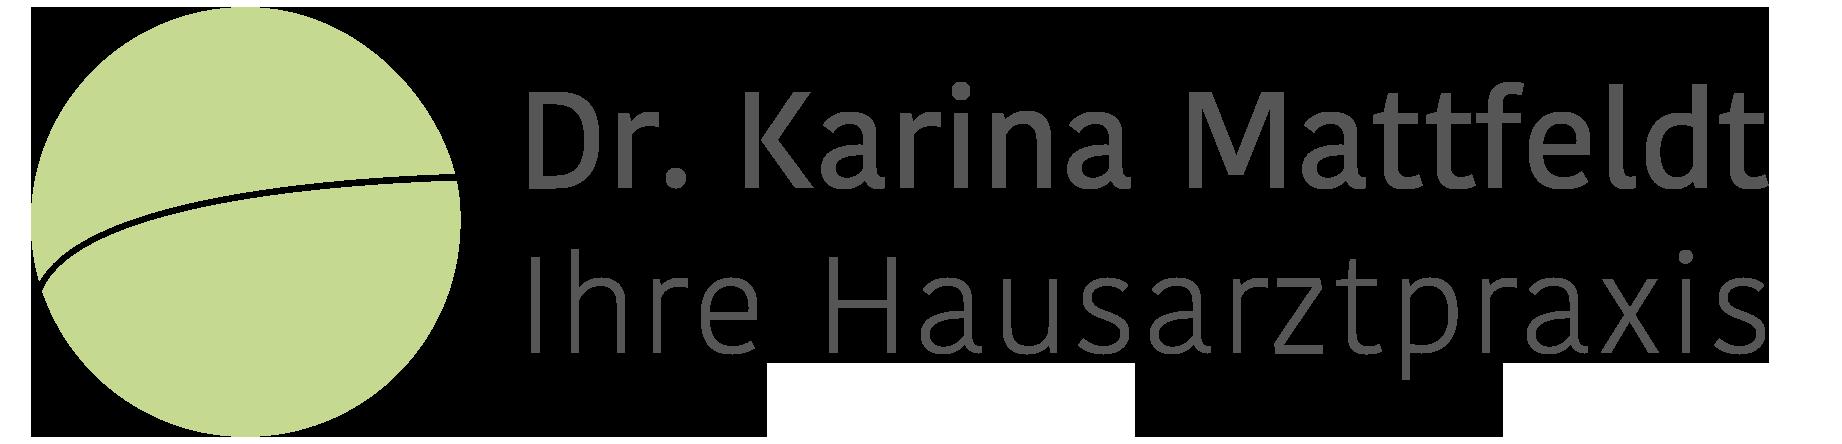 Hausarztpraxis Dr. Karina Mattfeldt